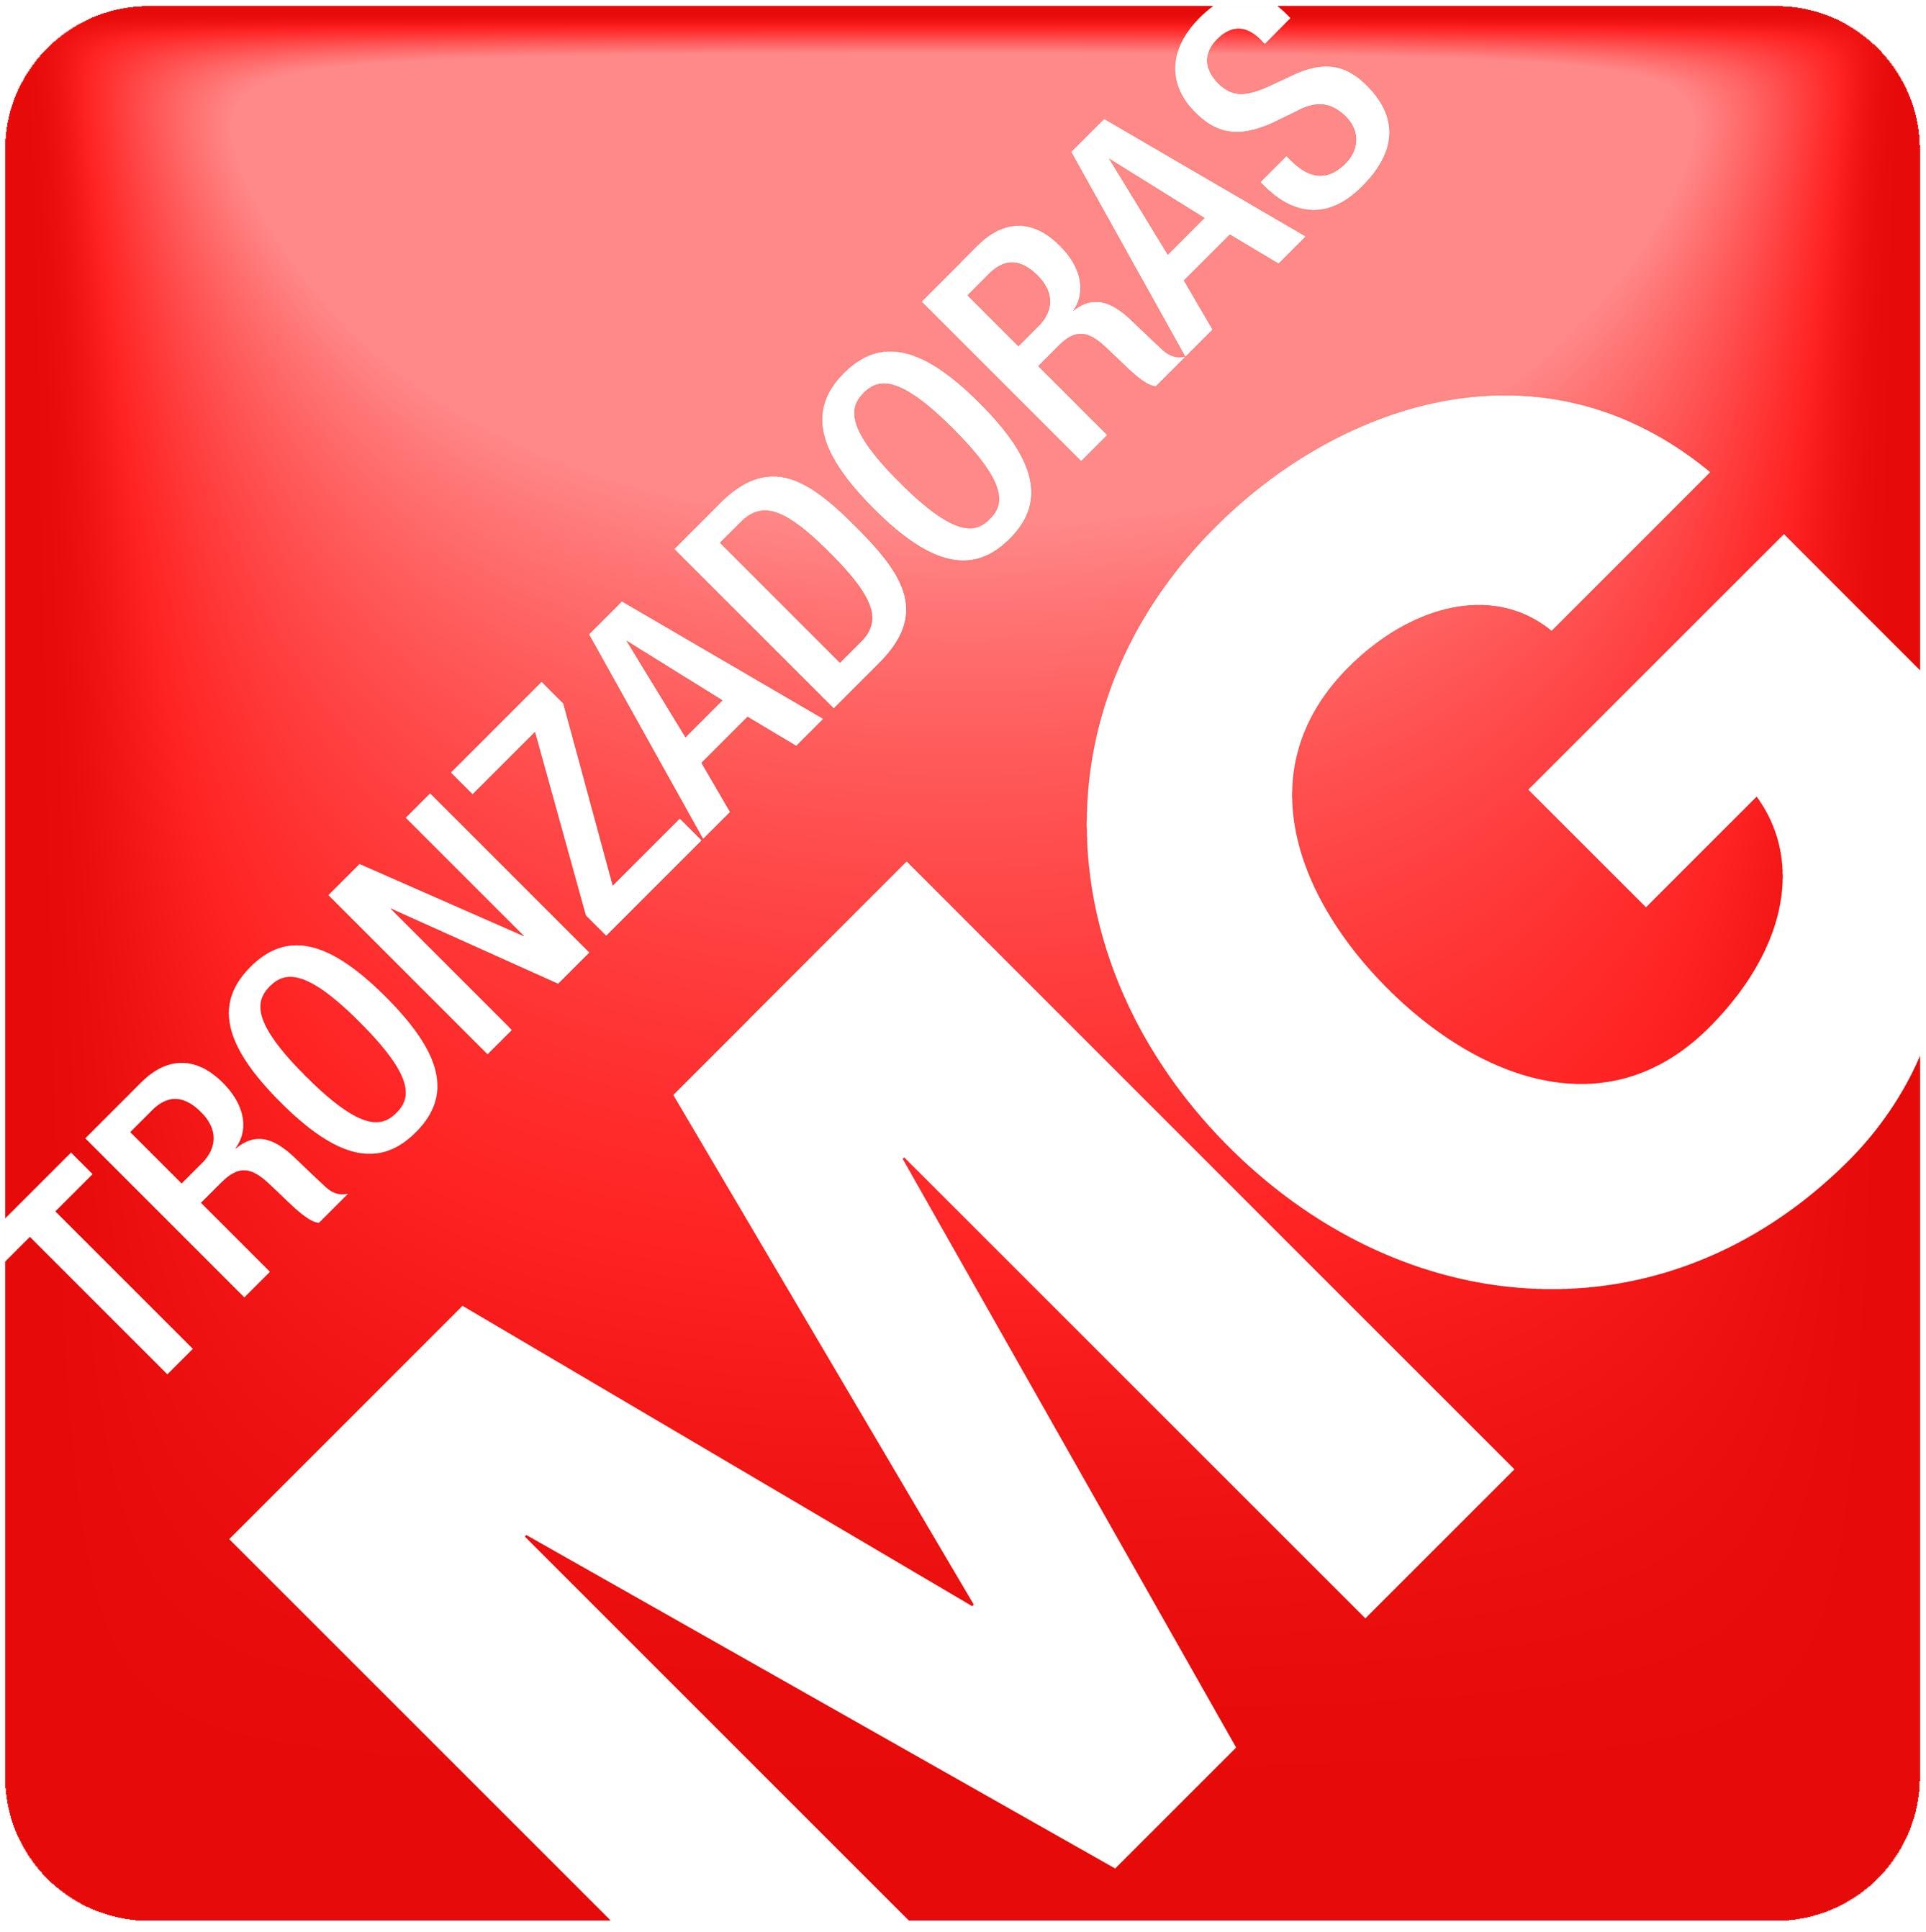 LOGO MG TRONZADORAS V2